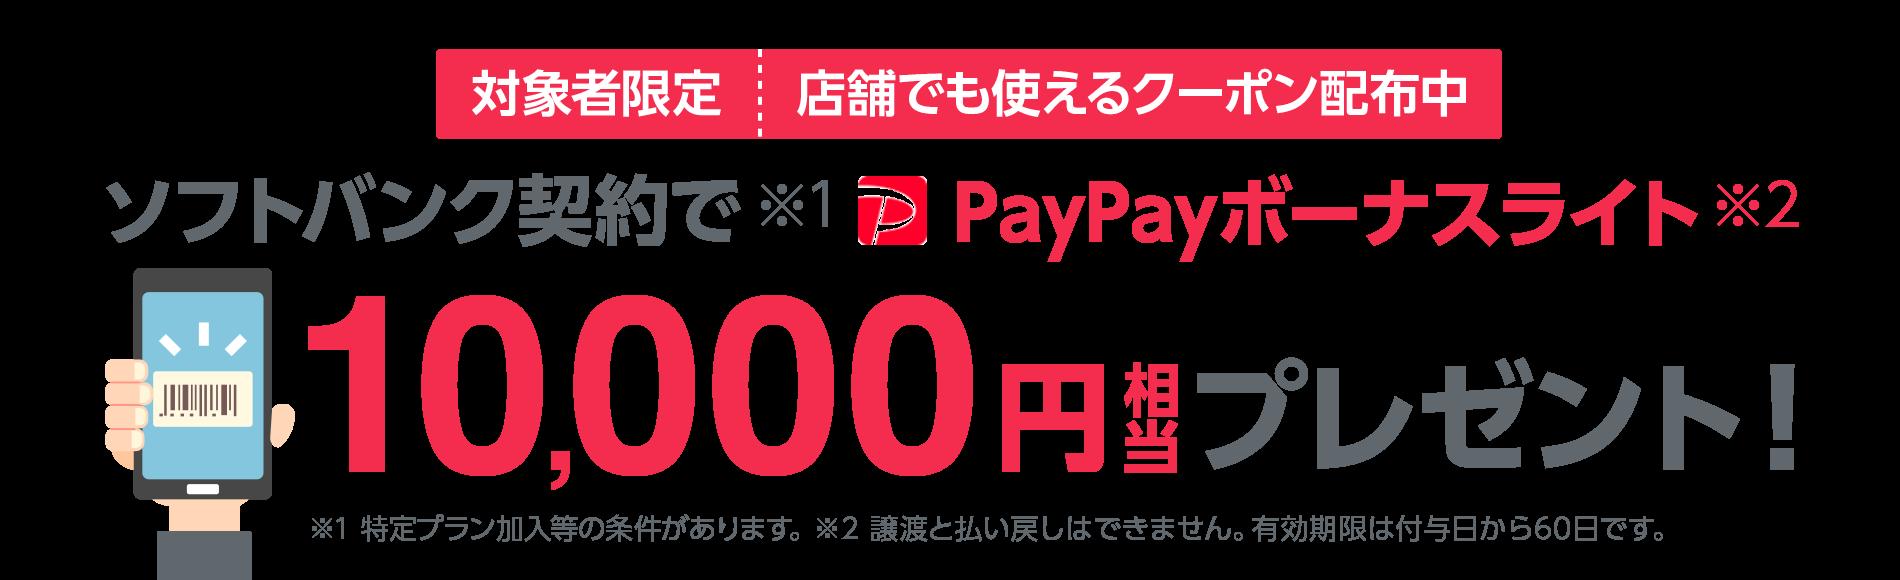 対象者限定 店舗でも使えるクーポン配布中 ソフトバンク契約で※1PayPayボーナスライト※2 10,000円相当プレゼント! ※1 特定プラン加入等の条件があります。 ※2 譲渡と払い戻しはできません。有効期限は付与日から60日です。